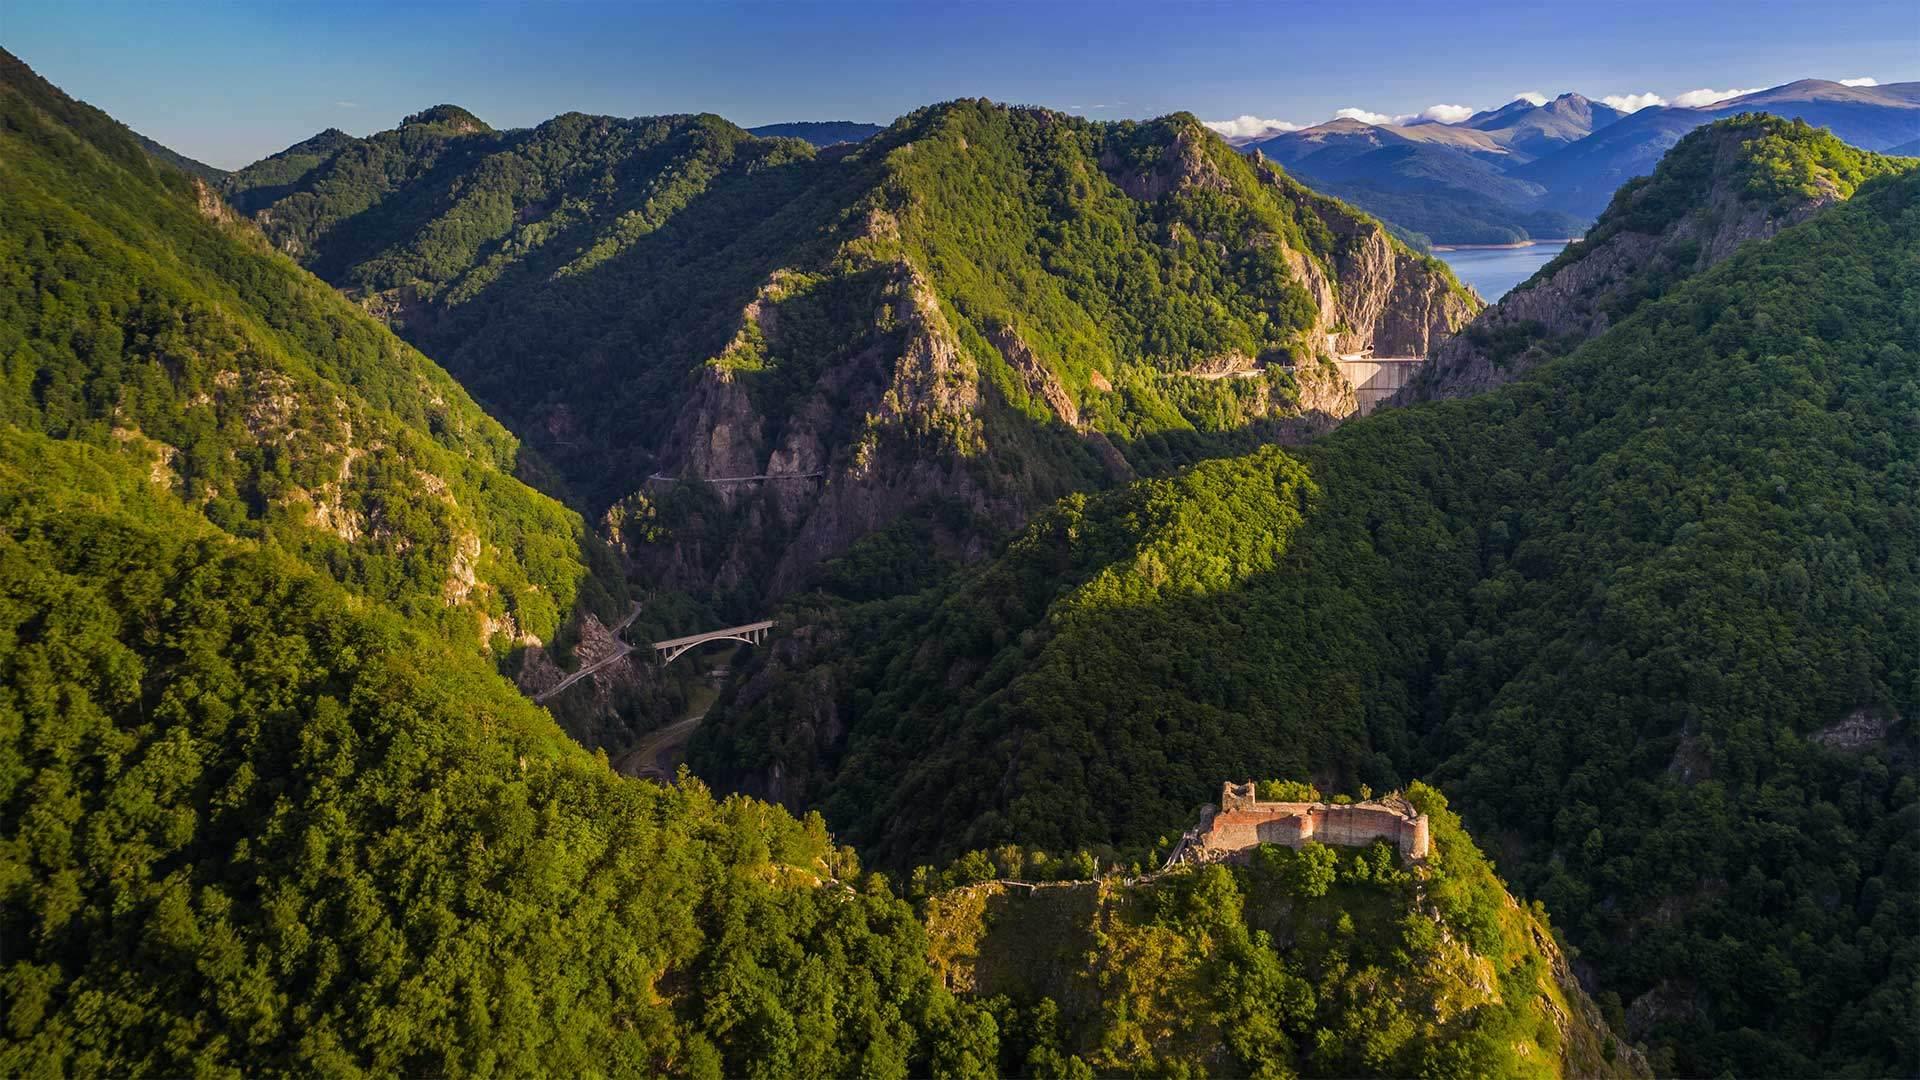 堡垒山上的珀纳里城堡法加拉斯山